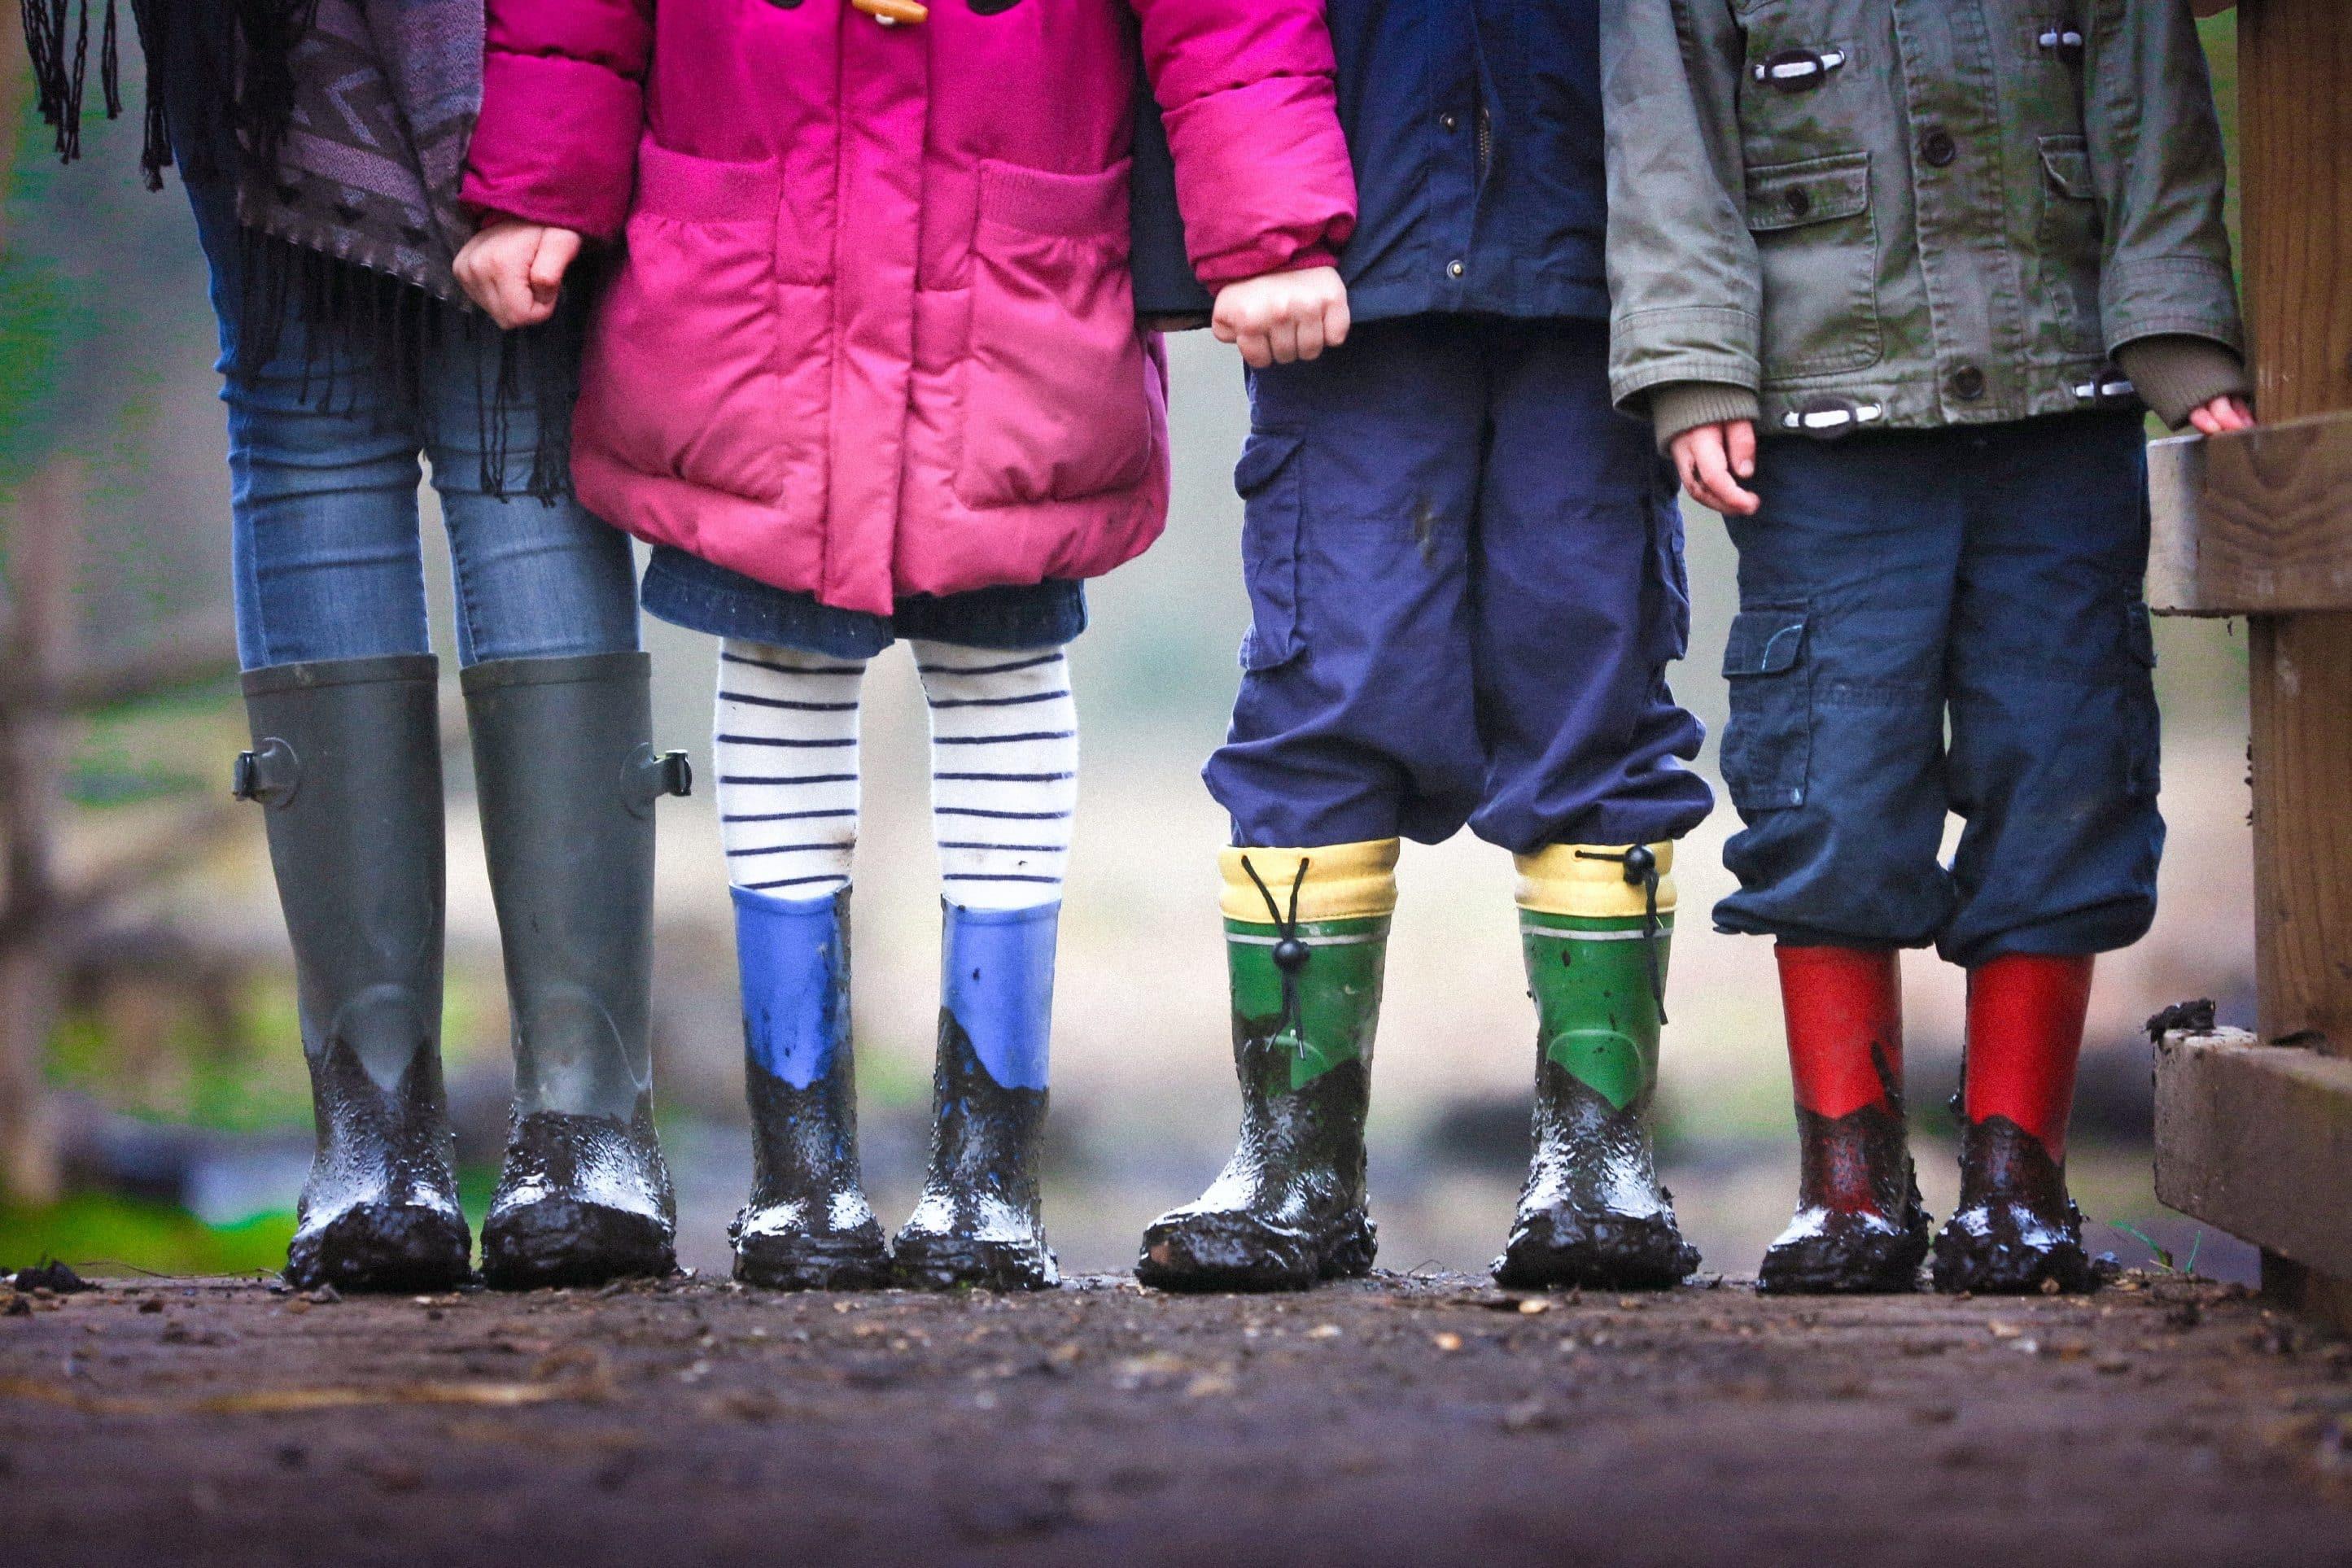 Exploración Judicial de los menores en los procesos de familia. Derecho de los niños a ser escuchados